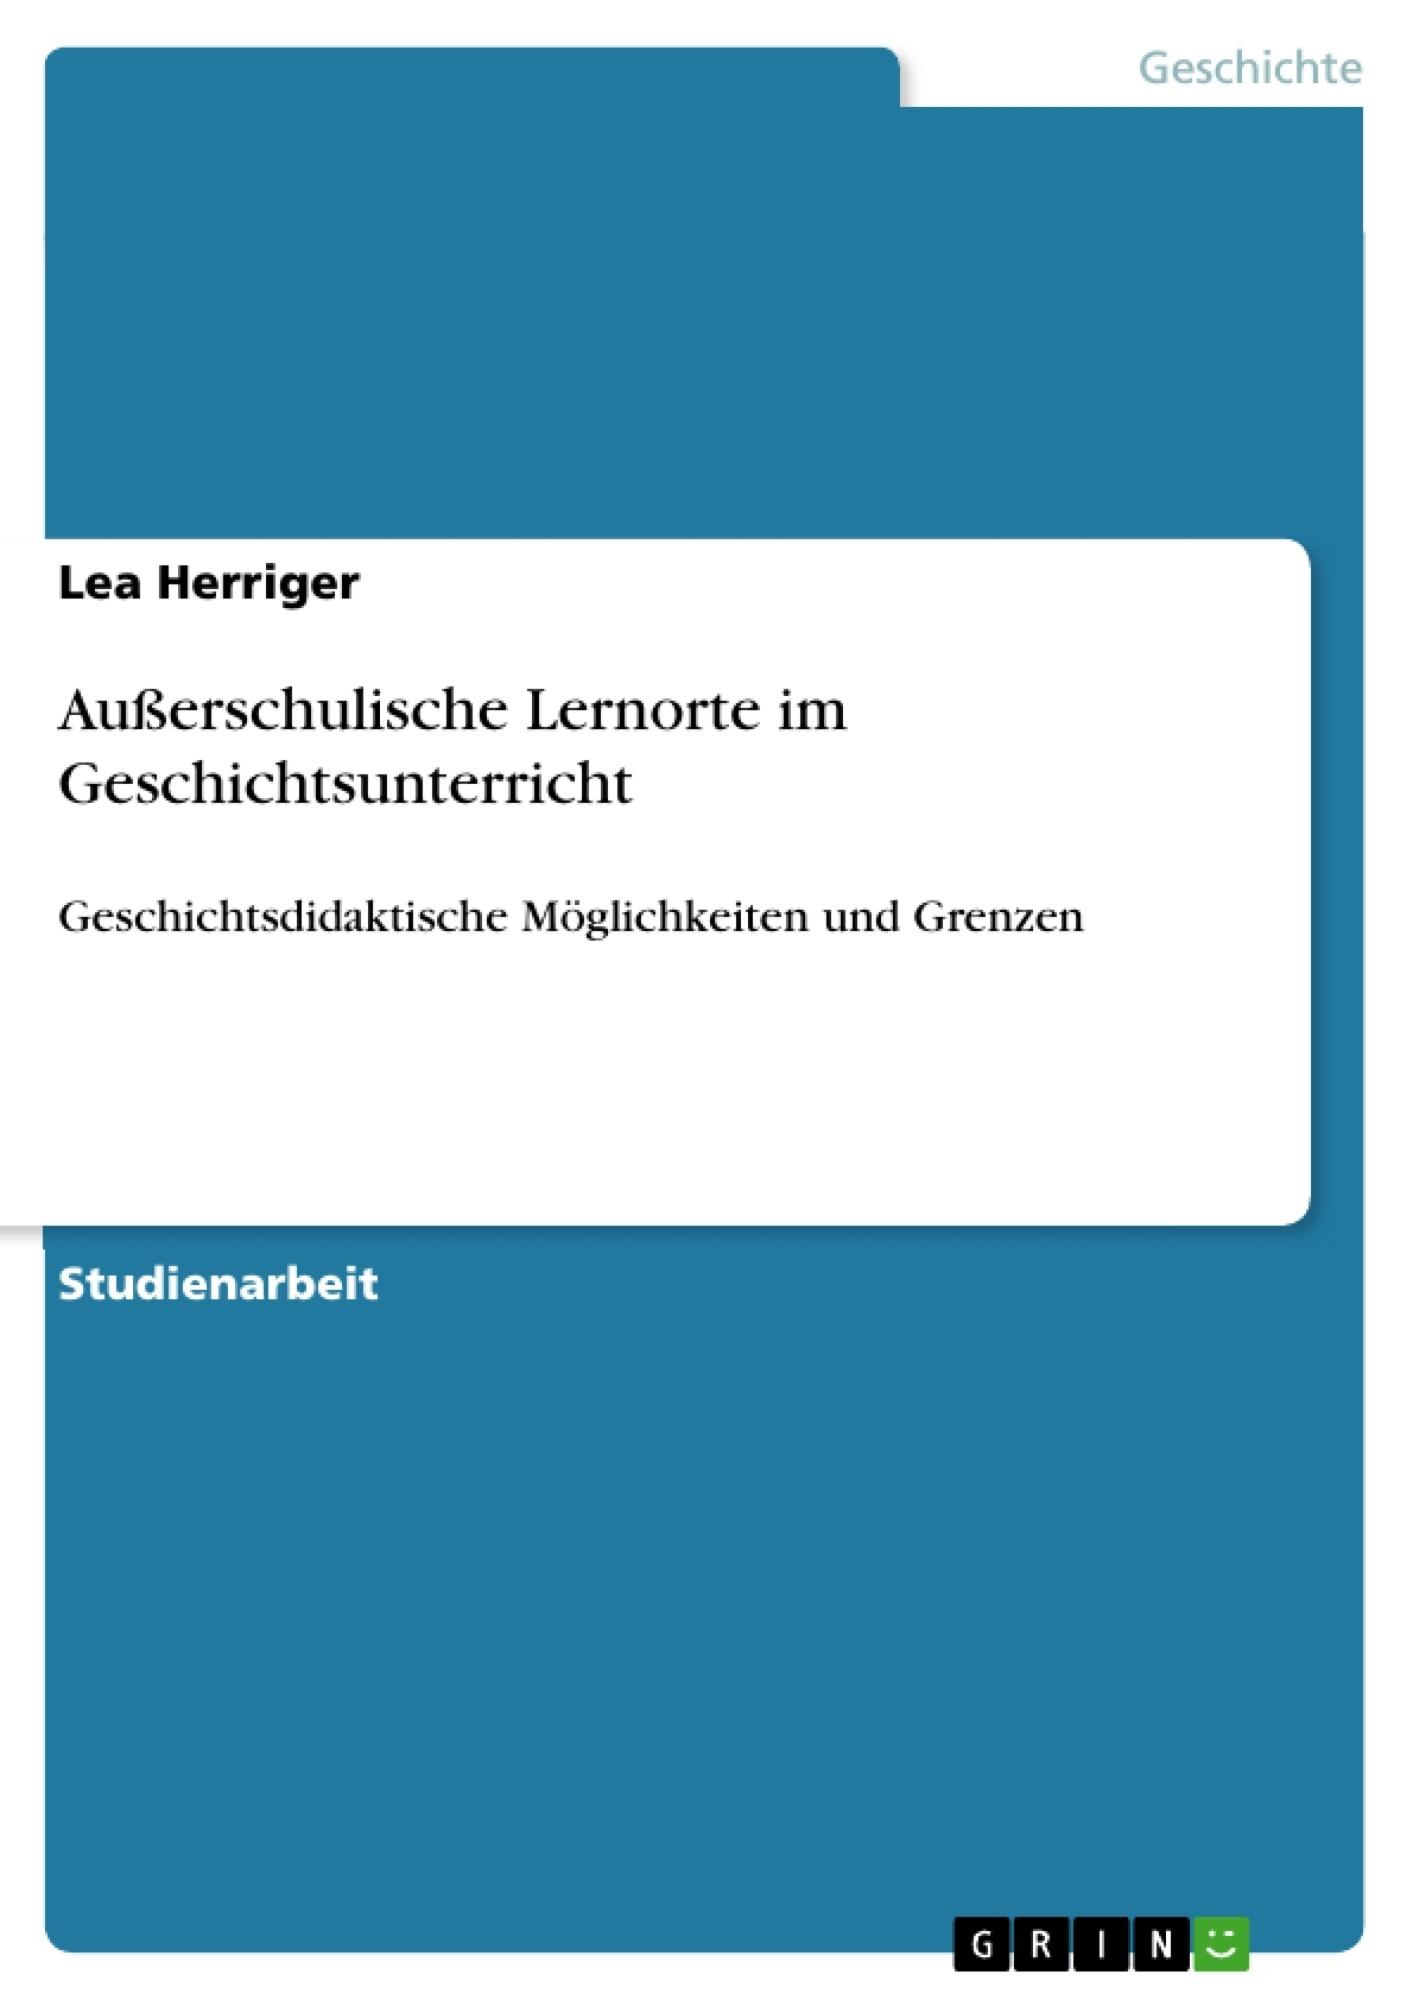 Titel: Außerschulische Lernorte im Geschichtsunterricht